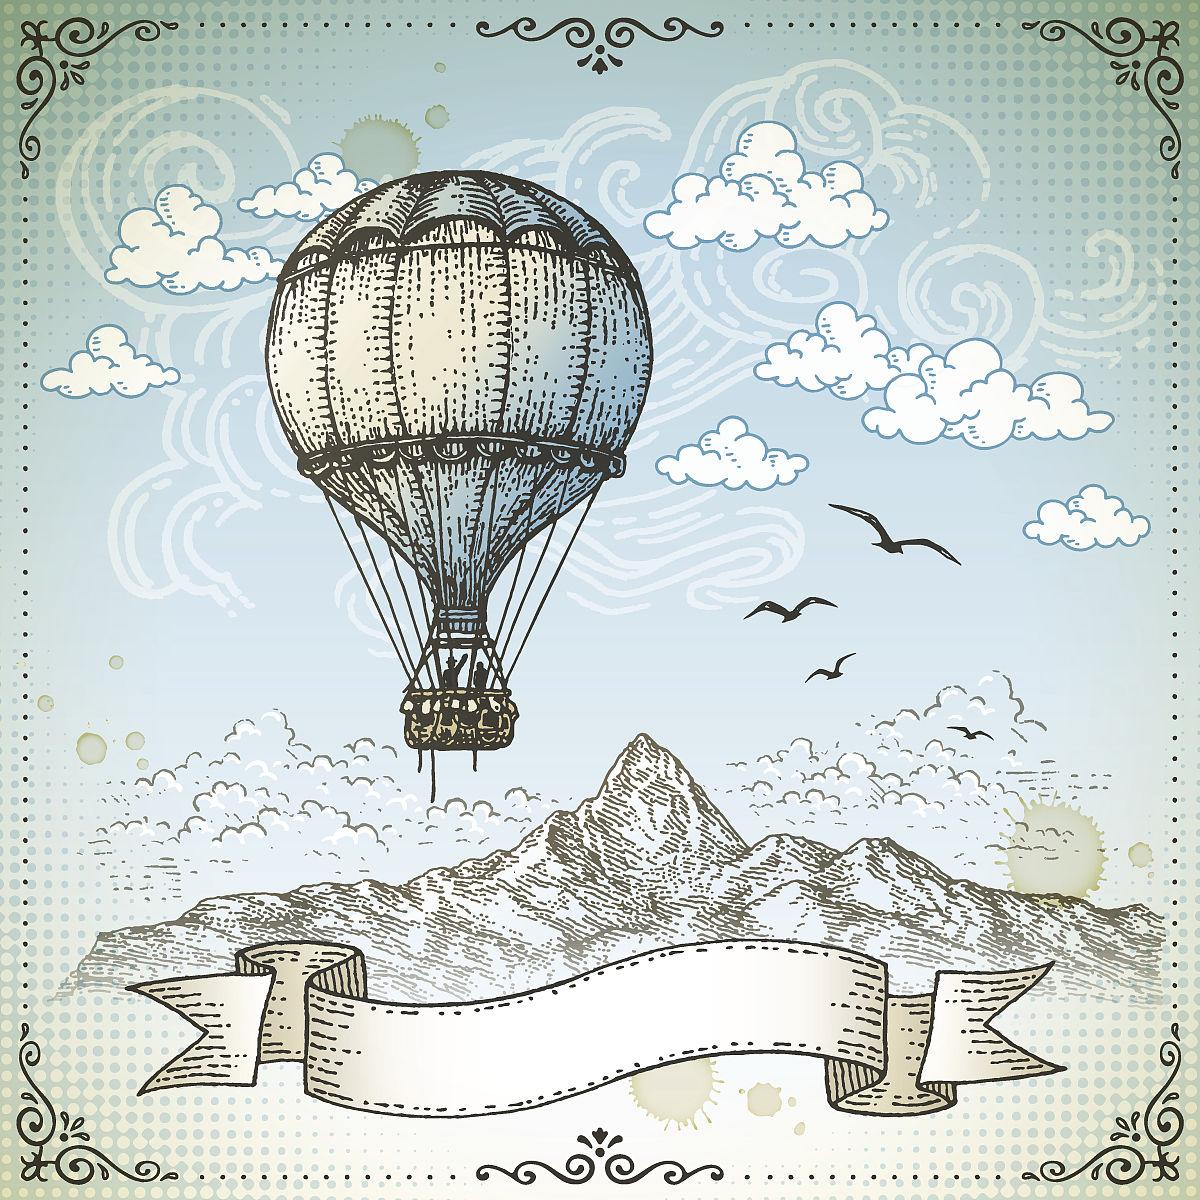 热气球,数码图形,古典式图片